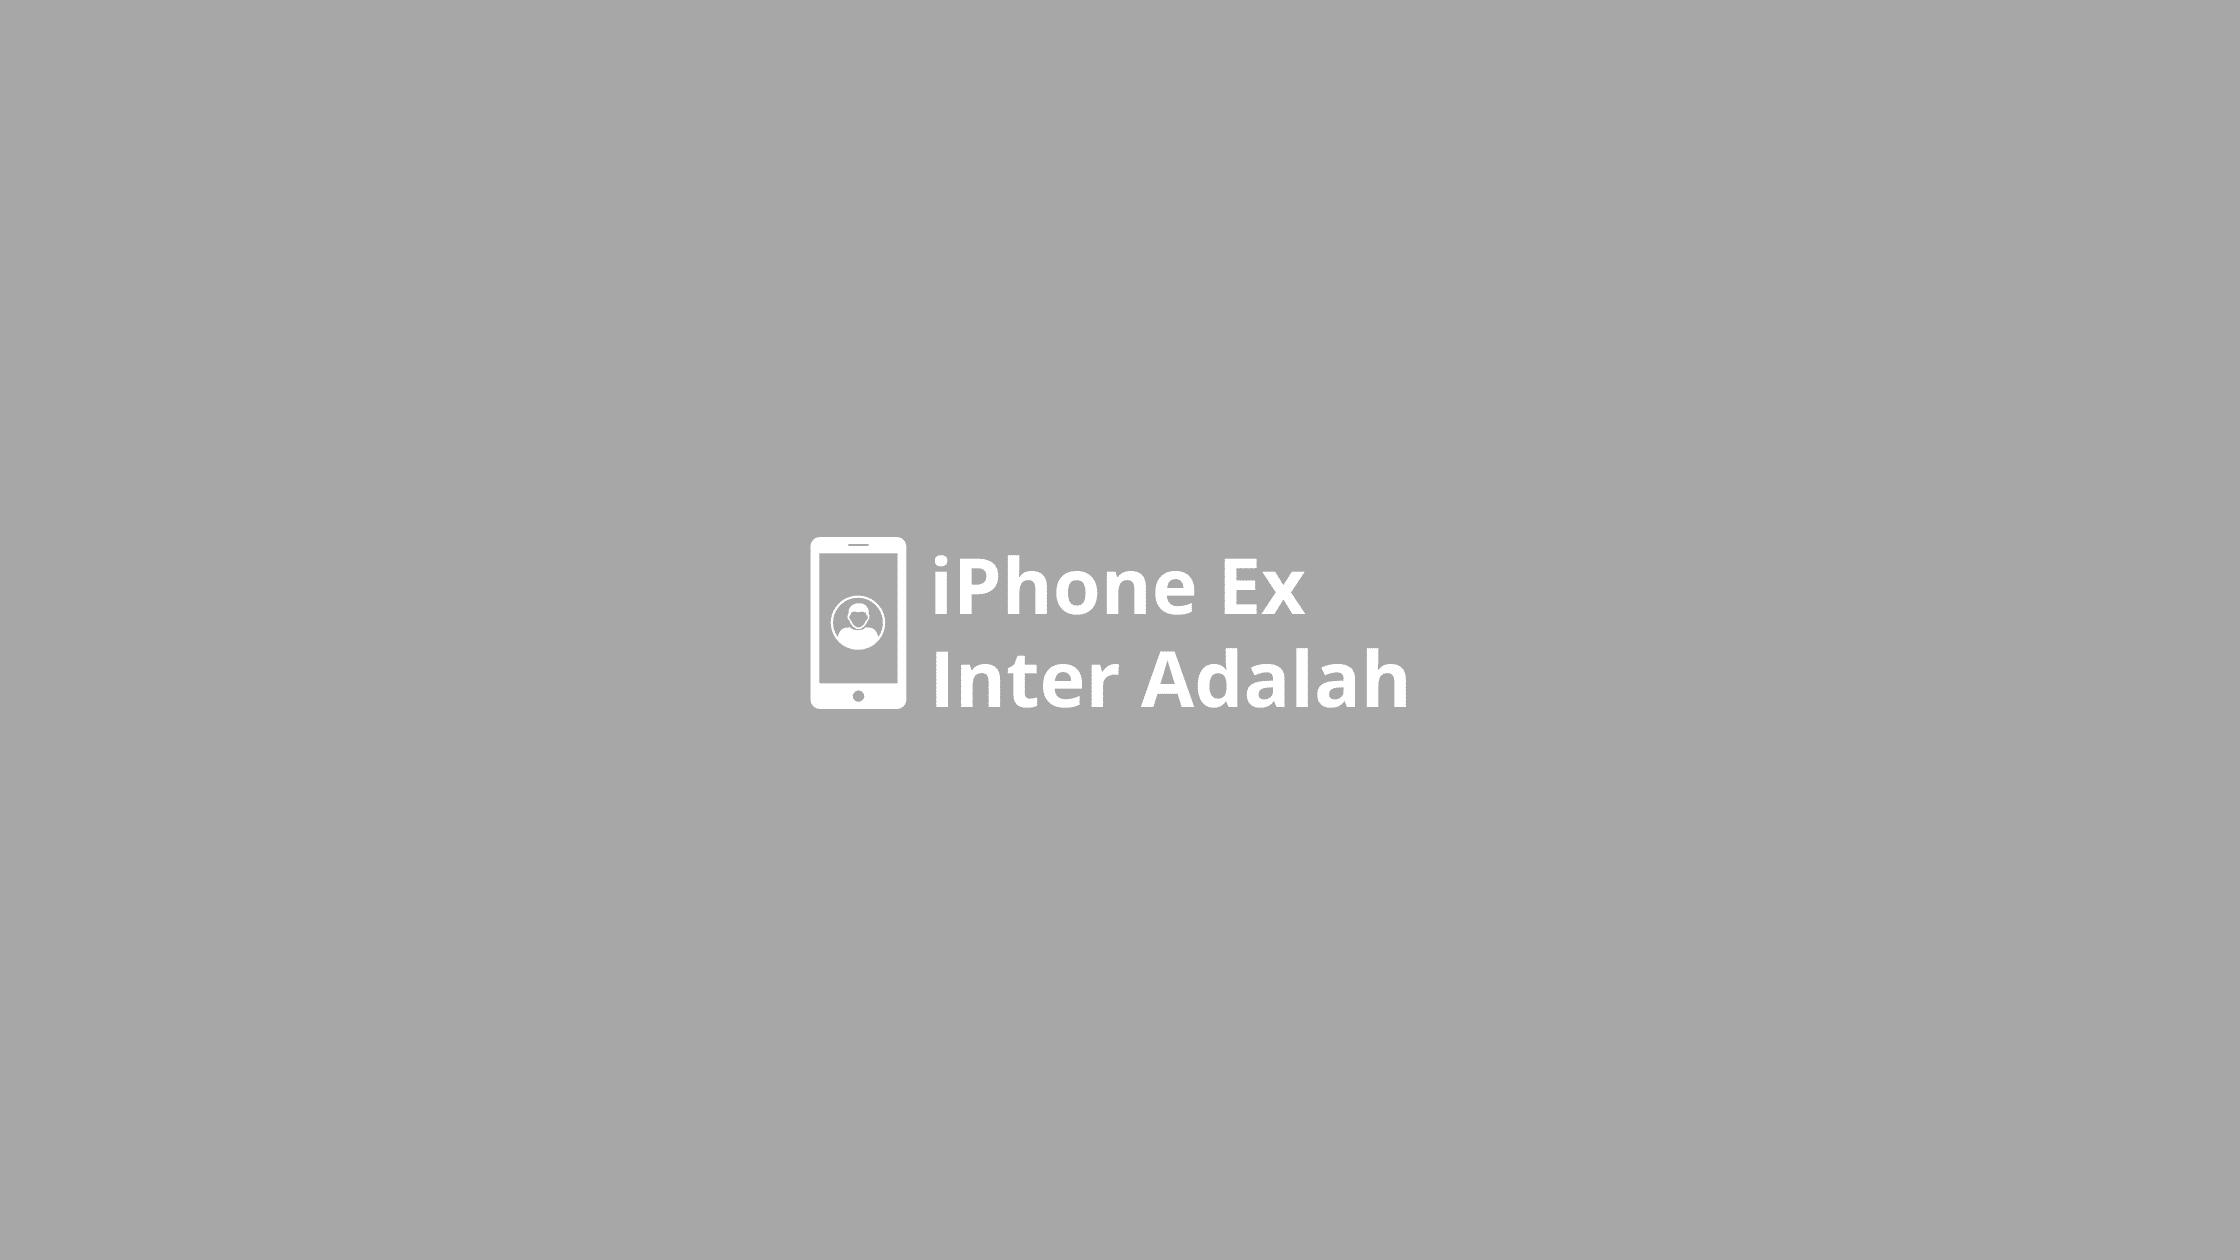 iphone ex inter